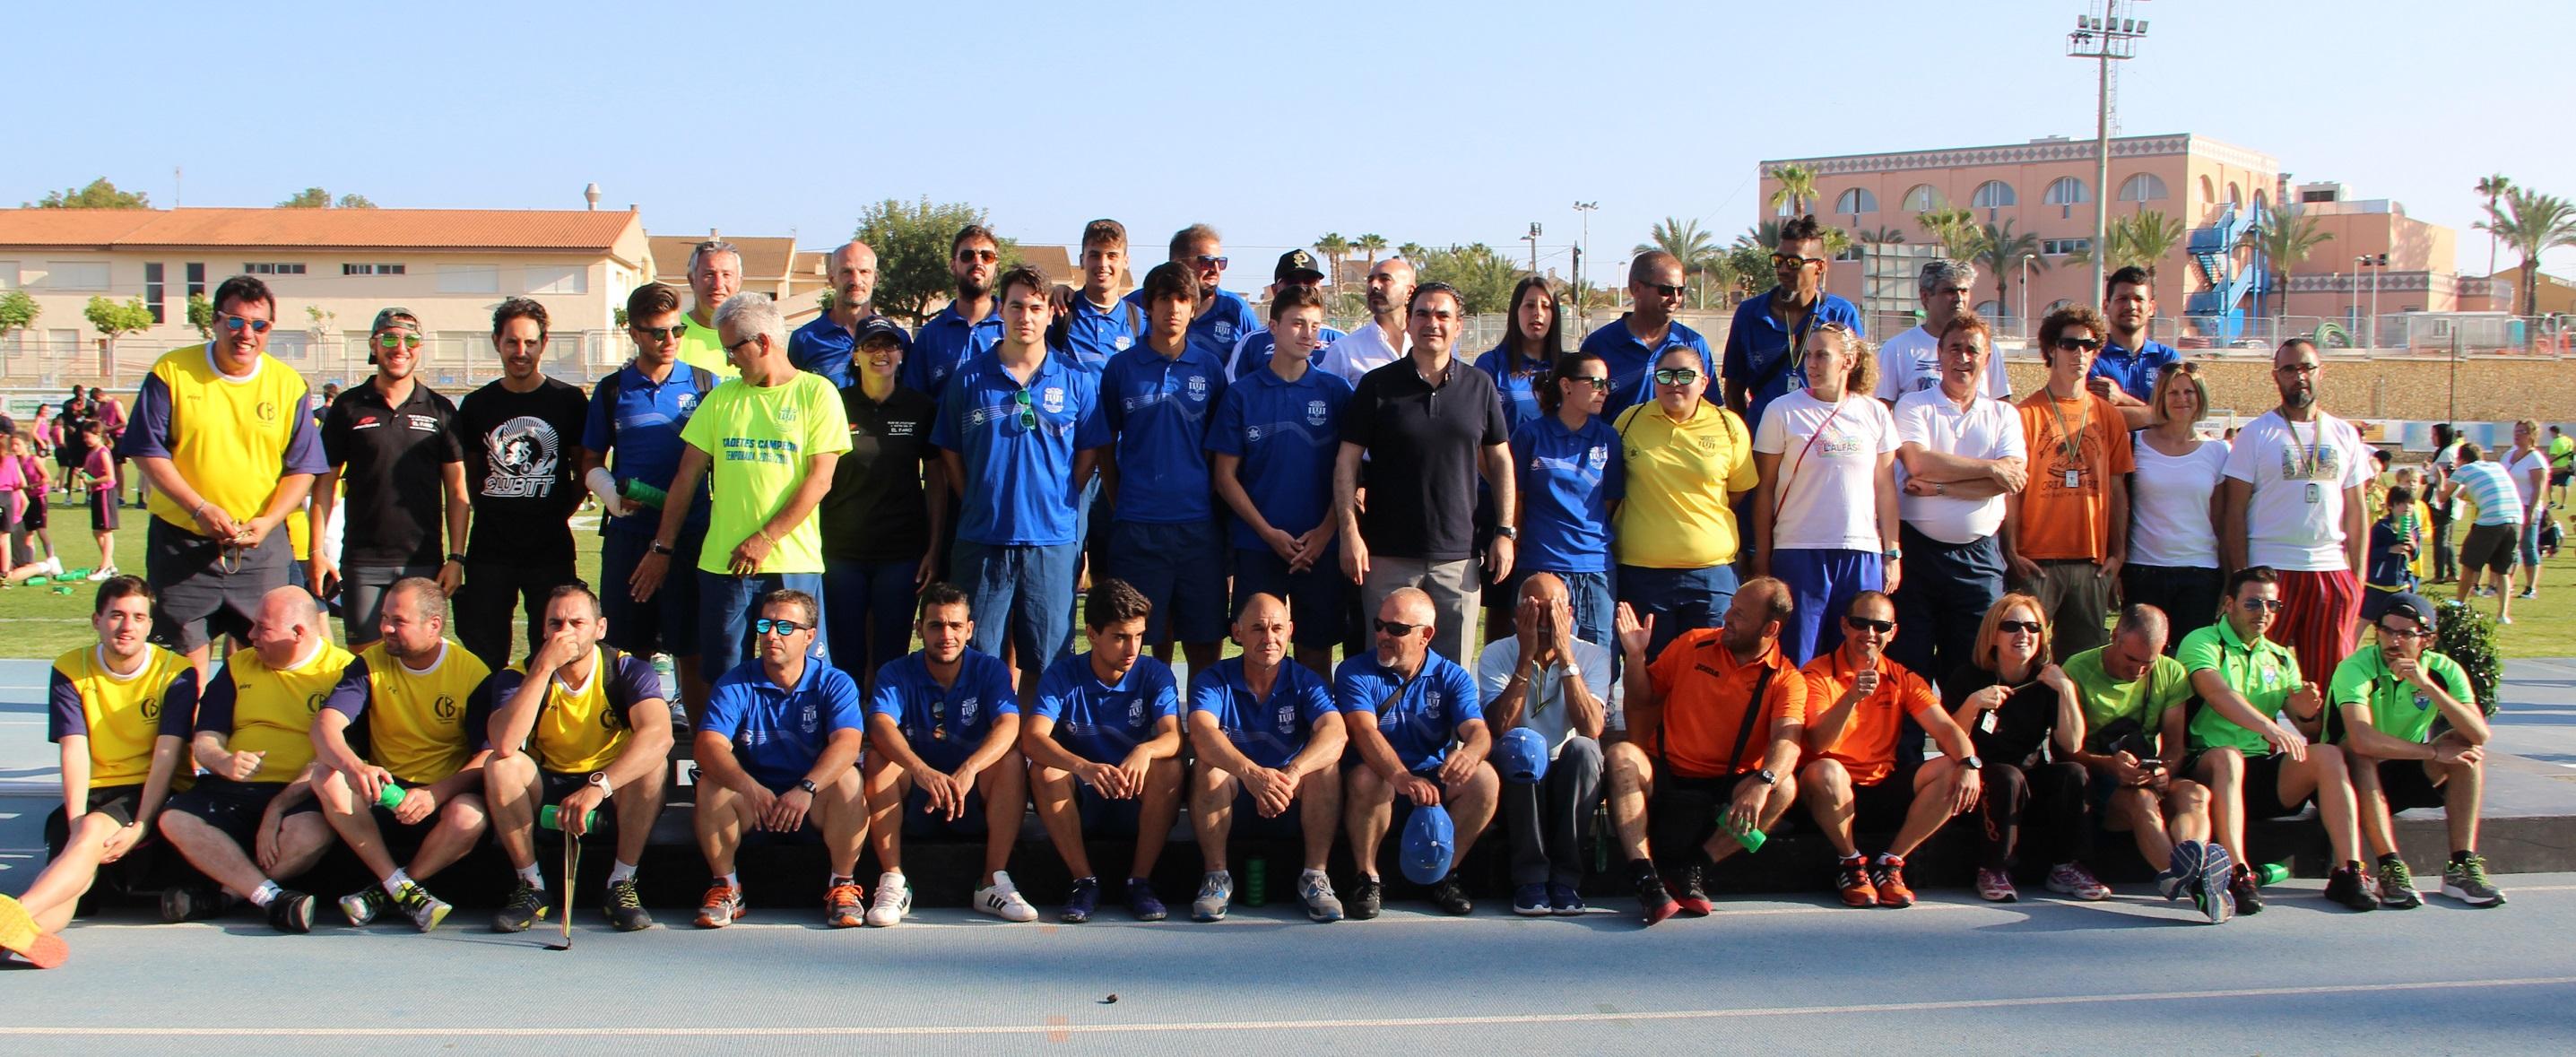 El Concejal de Deportes se ha reunido con lo colectivos deportivos de municipio para buscar más implicación en el '2017. Any Saludable'